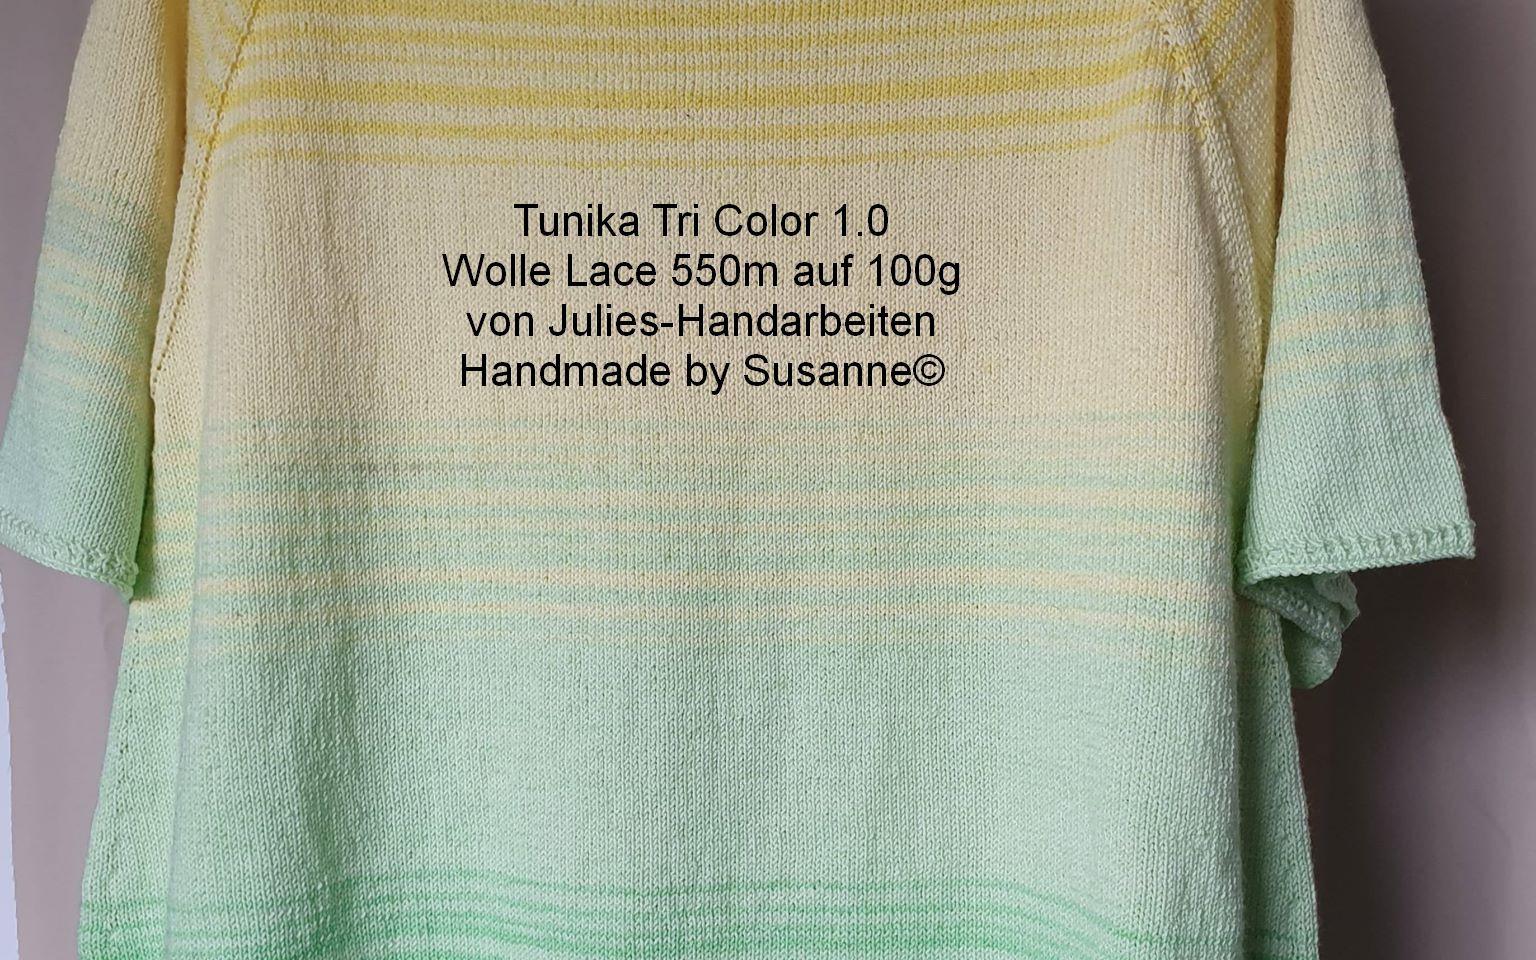 Tunika Tri Color 1.0 Susanne